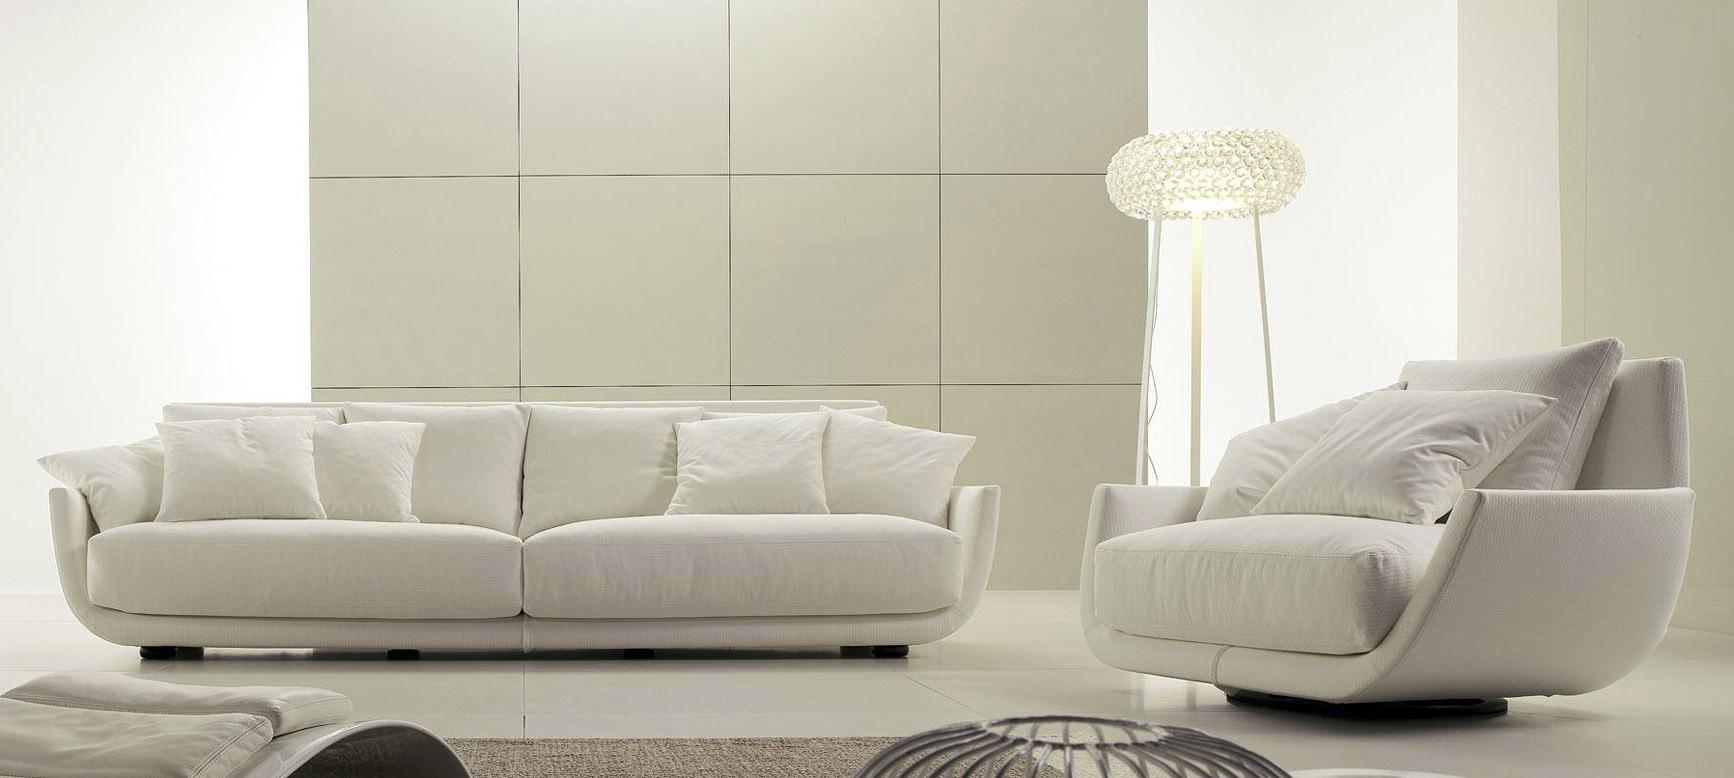 Divani in pelle design venezia - Divano divani e divani ...